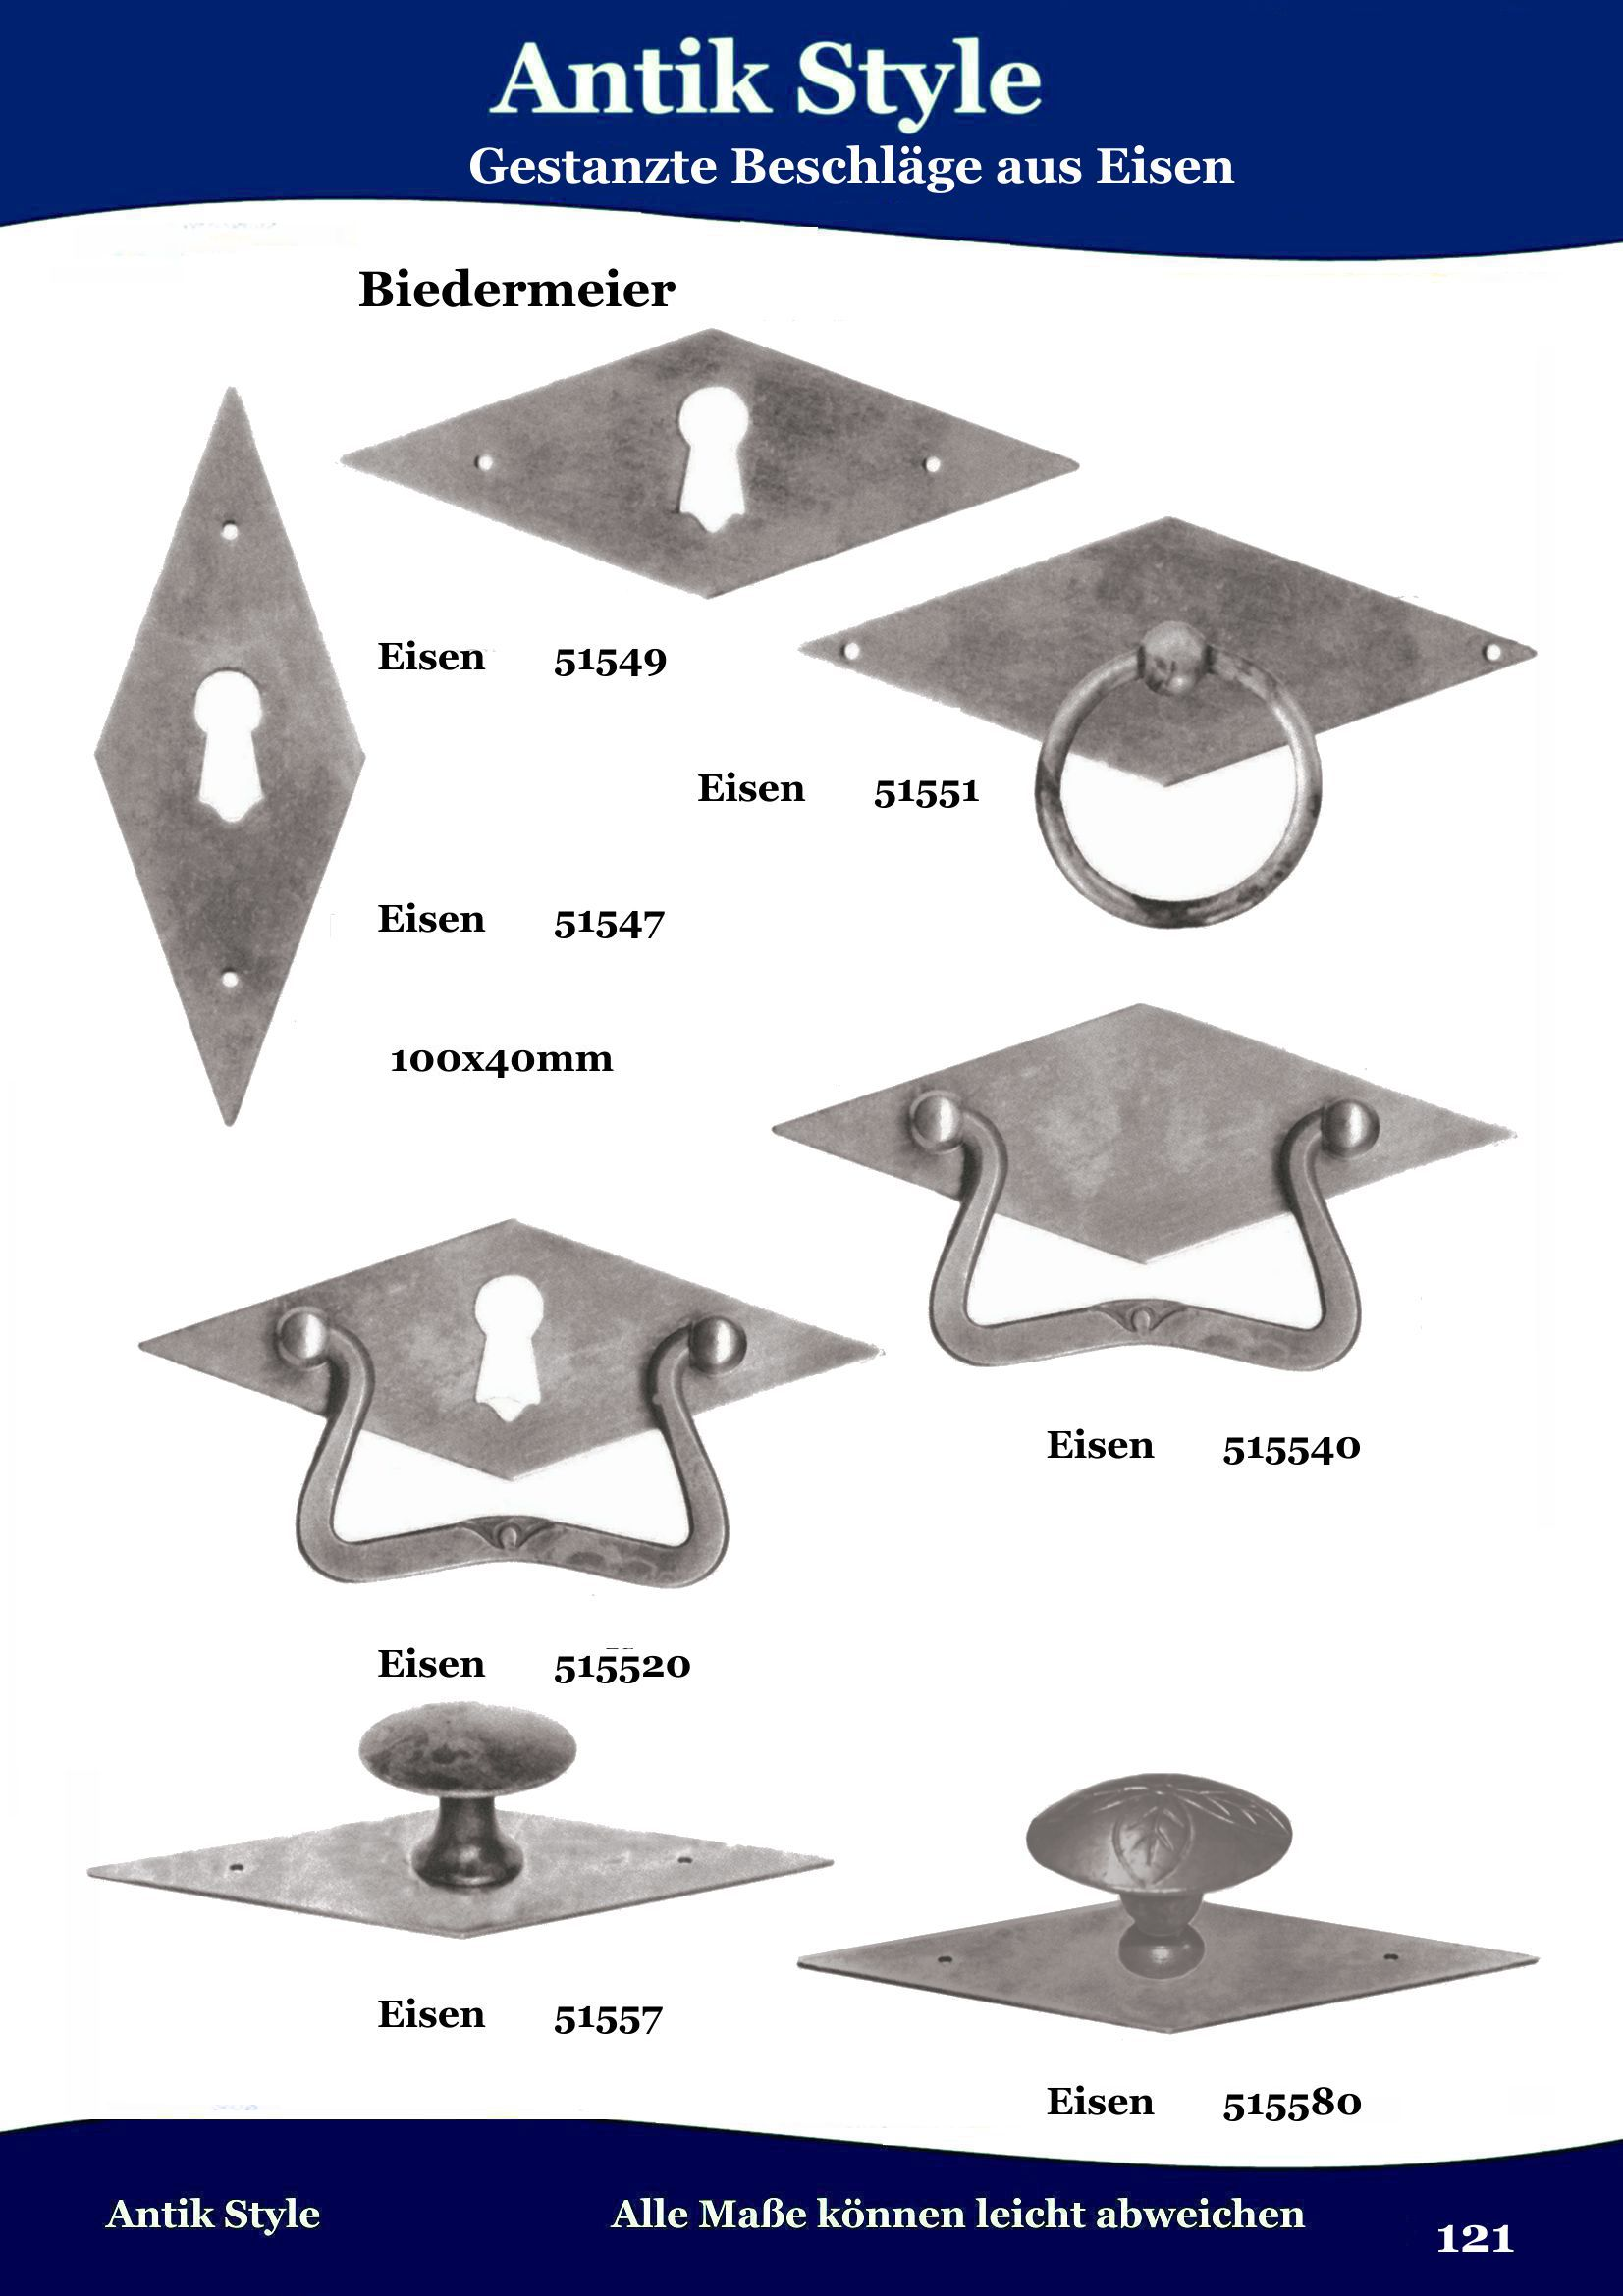 147 gestanzte beschl ge f r m bel biedermeier aus eisen gesamtkatalog antik style gmbh. Black Bedroom Furniture Sets. Home Design Ideas